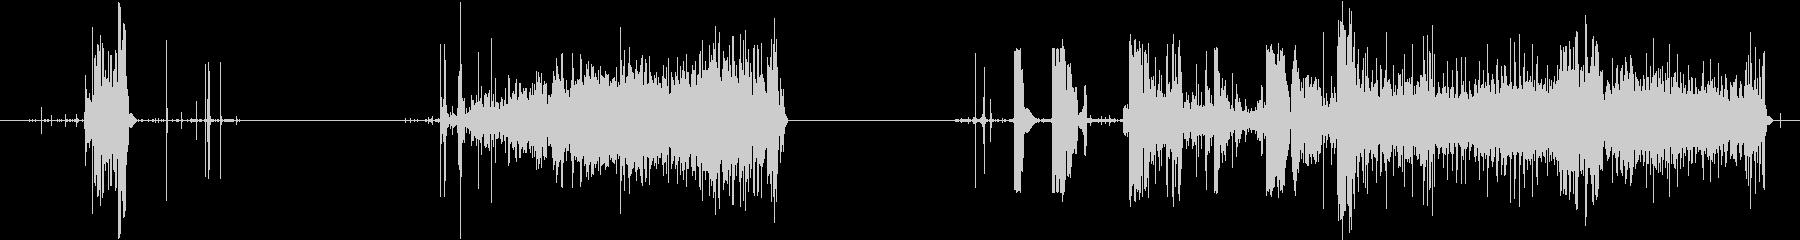 トランジション 擦れる音 11 の未再生の波形